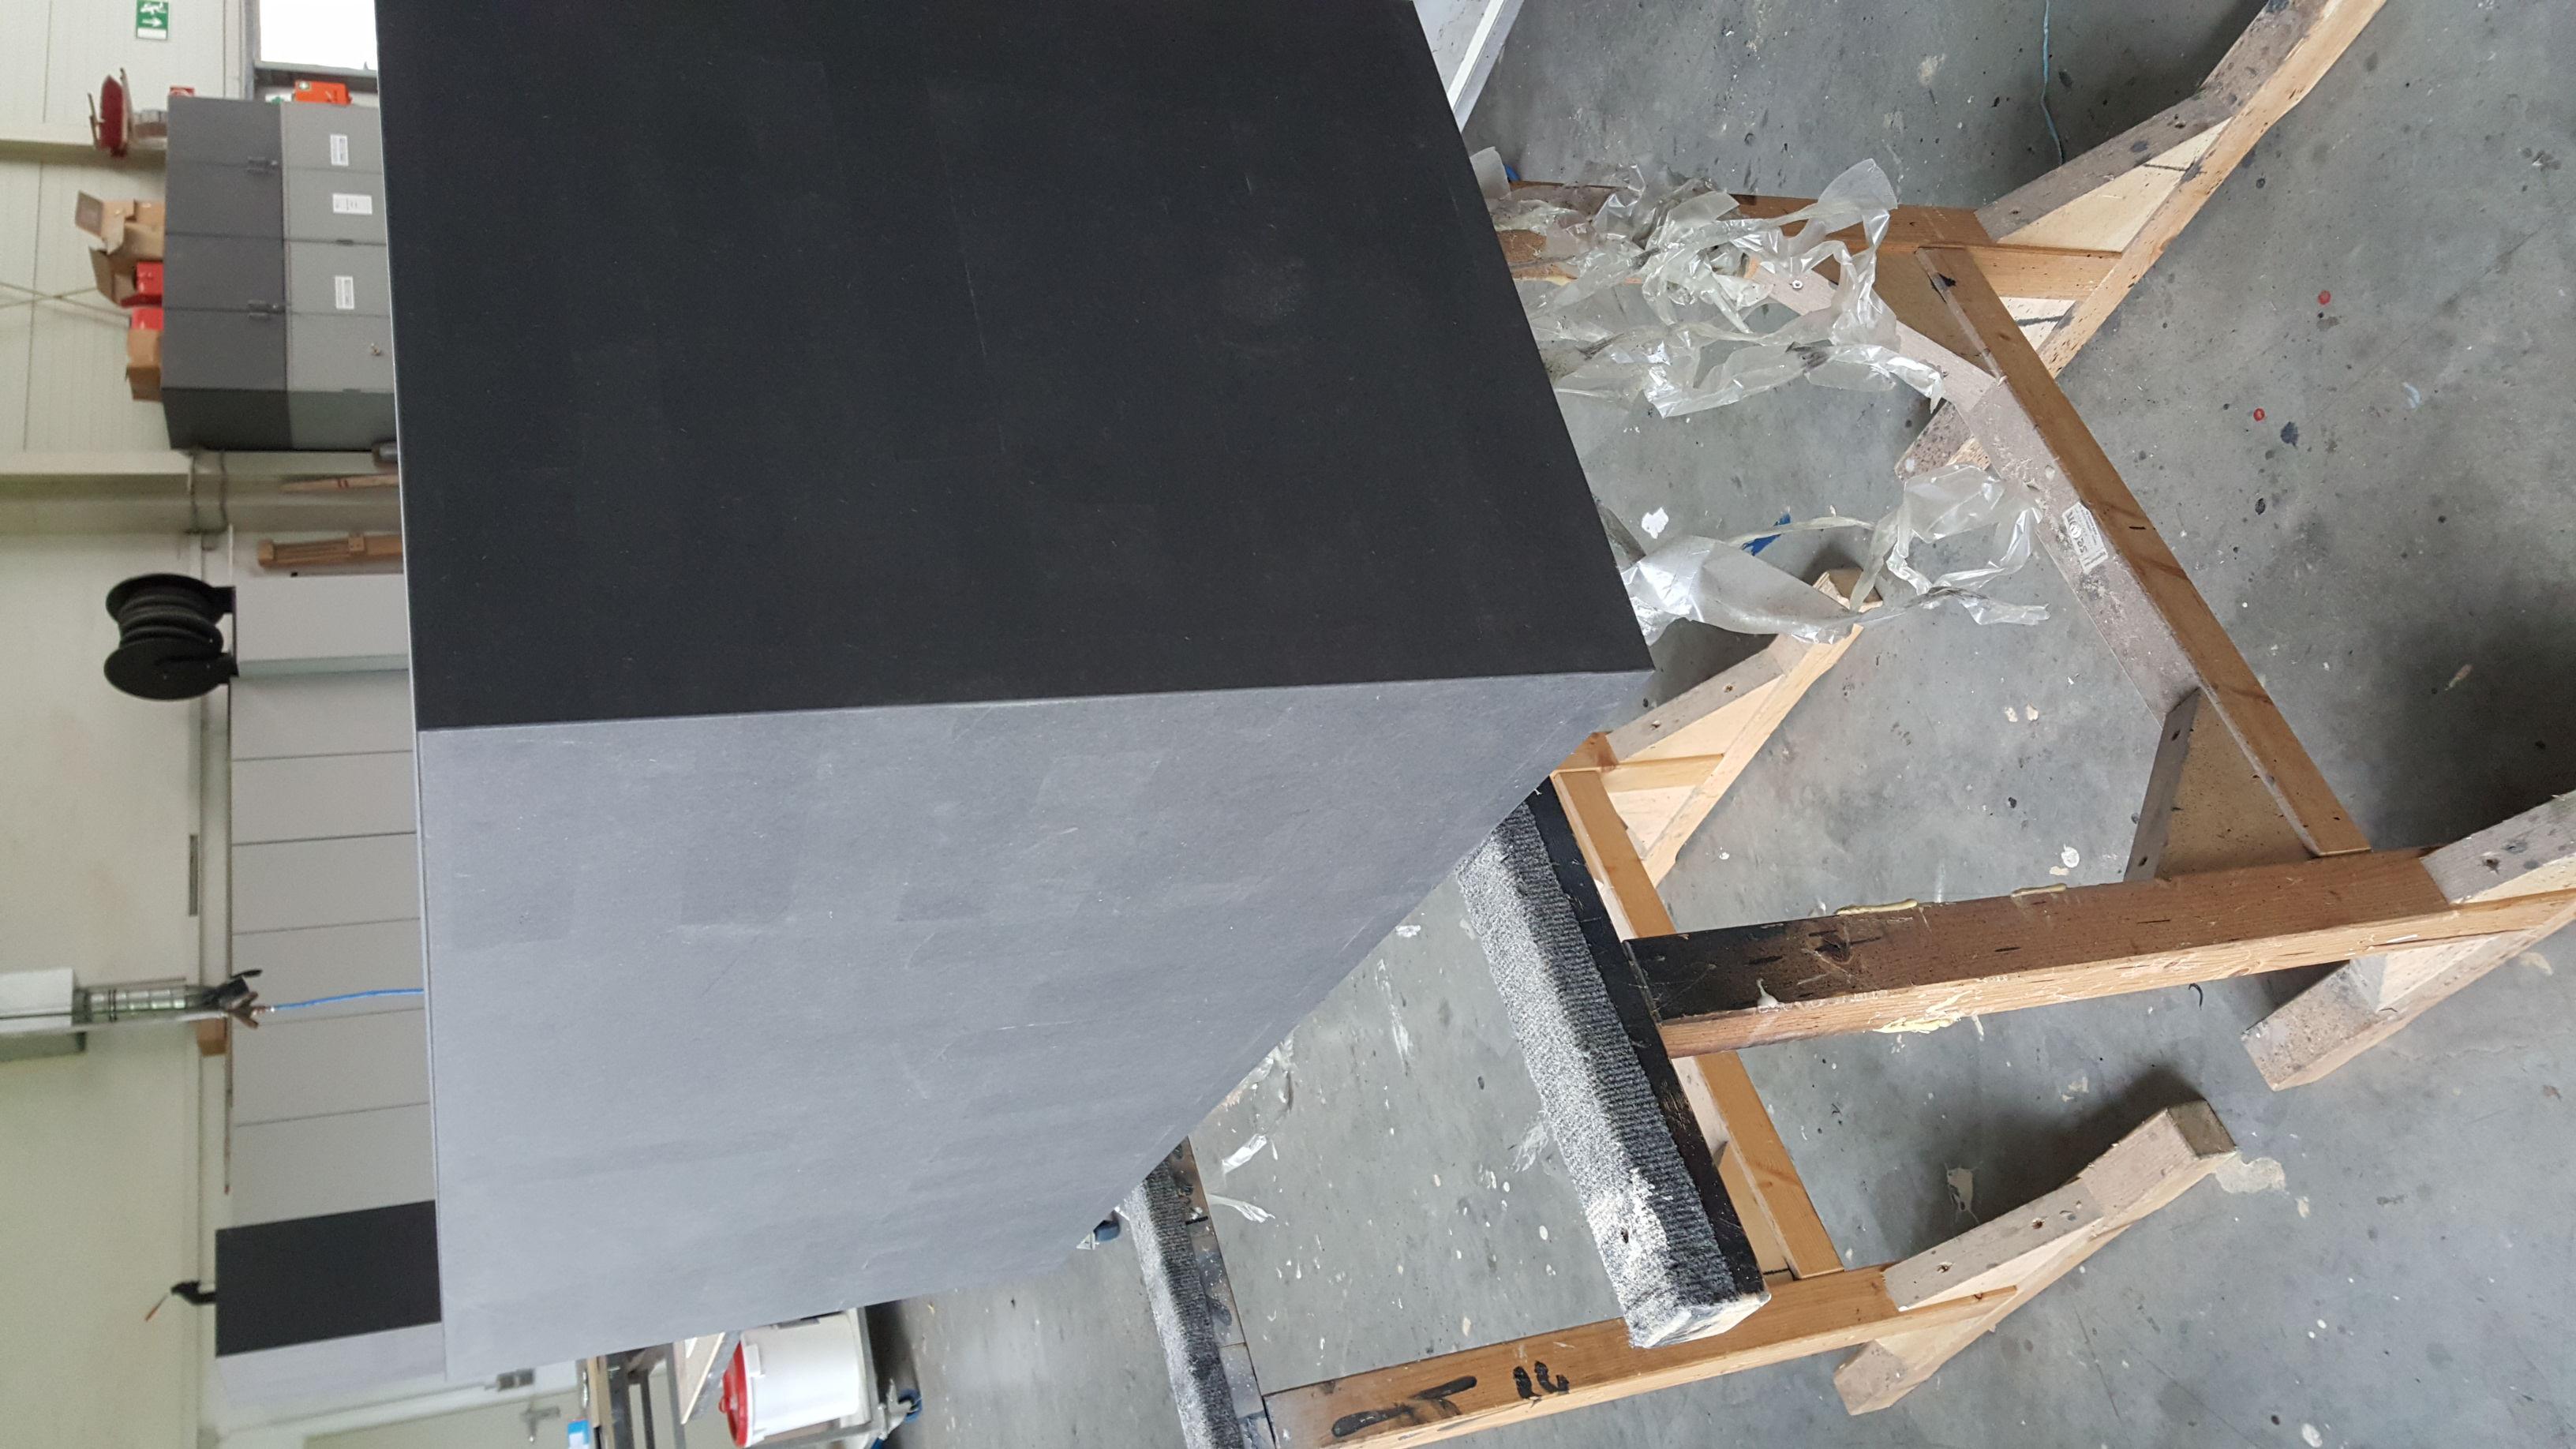 bioethanol brennkammer in tisch einlassen (Holz)